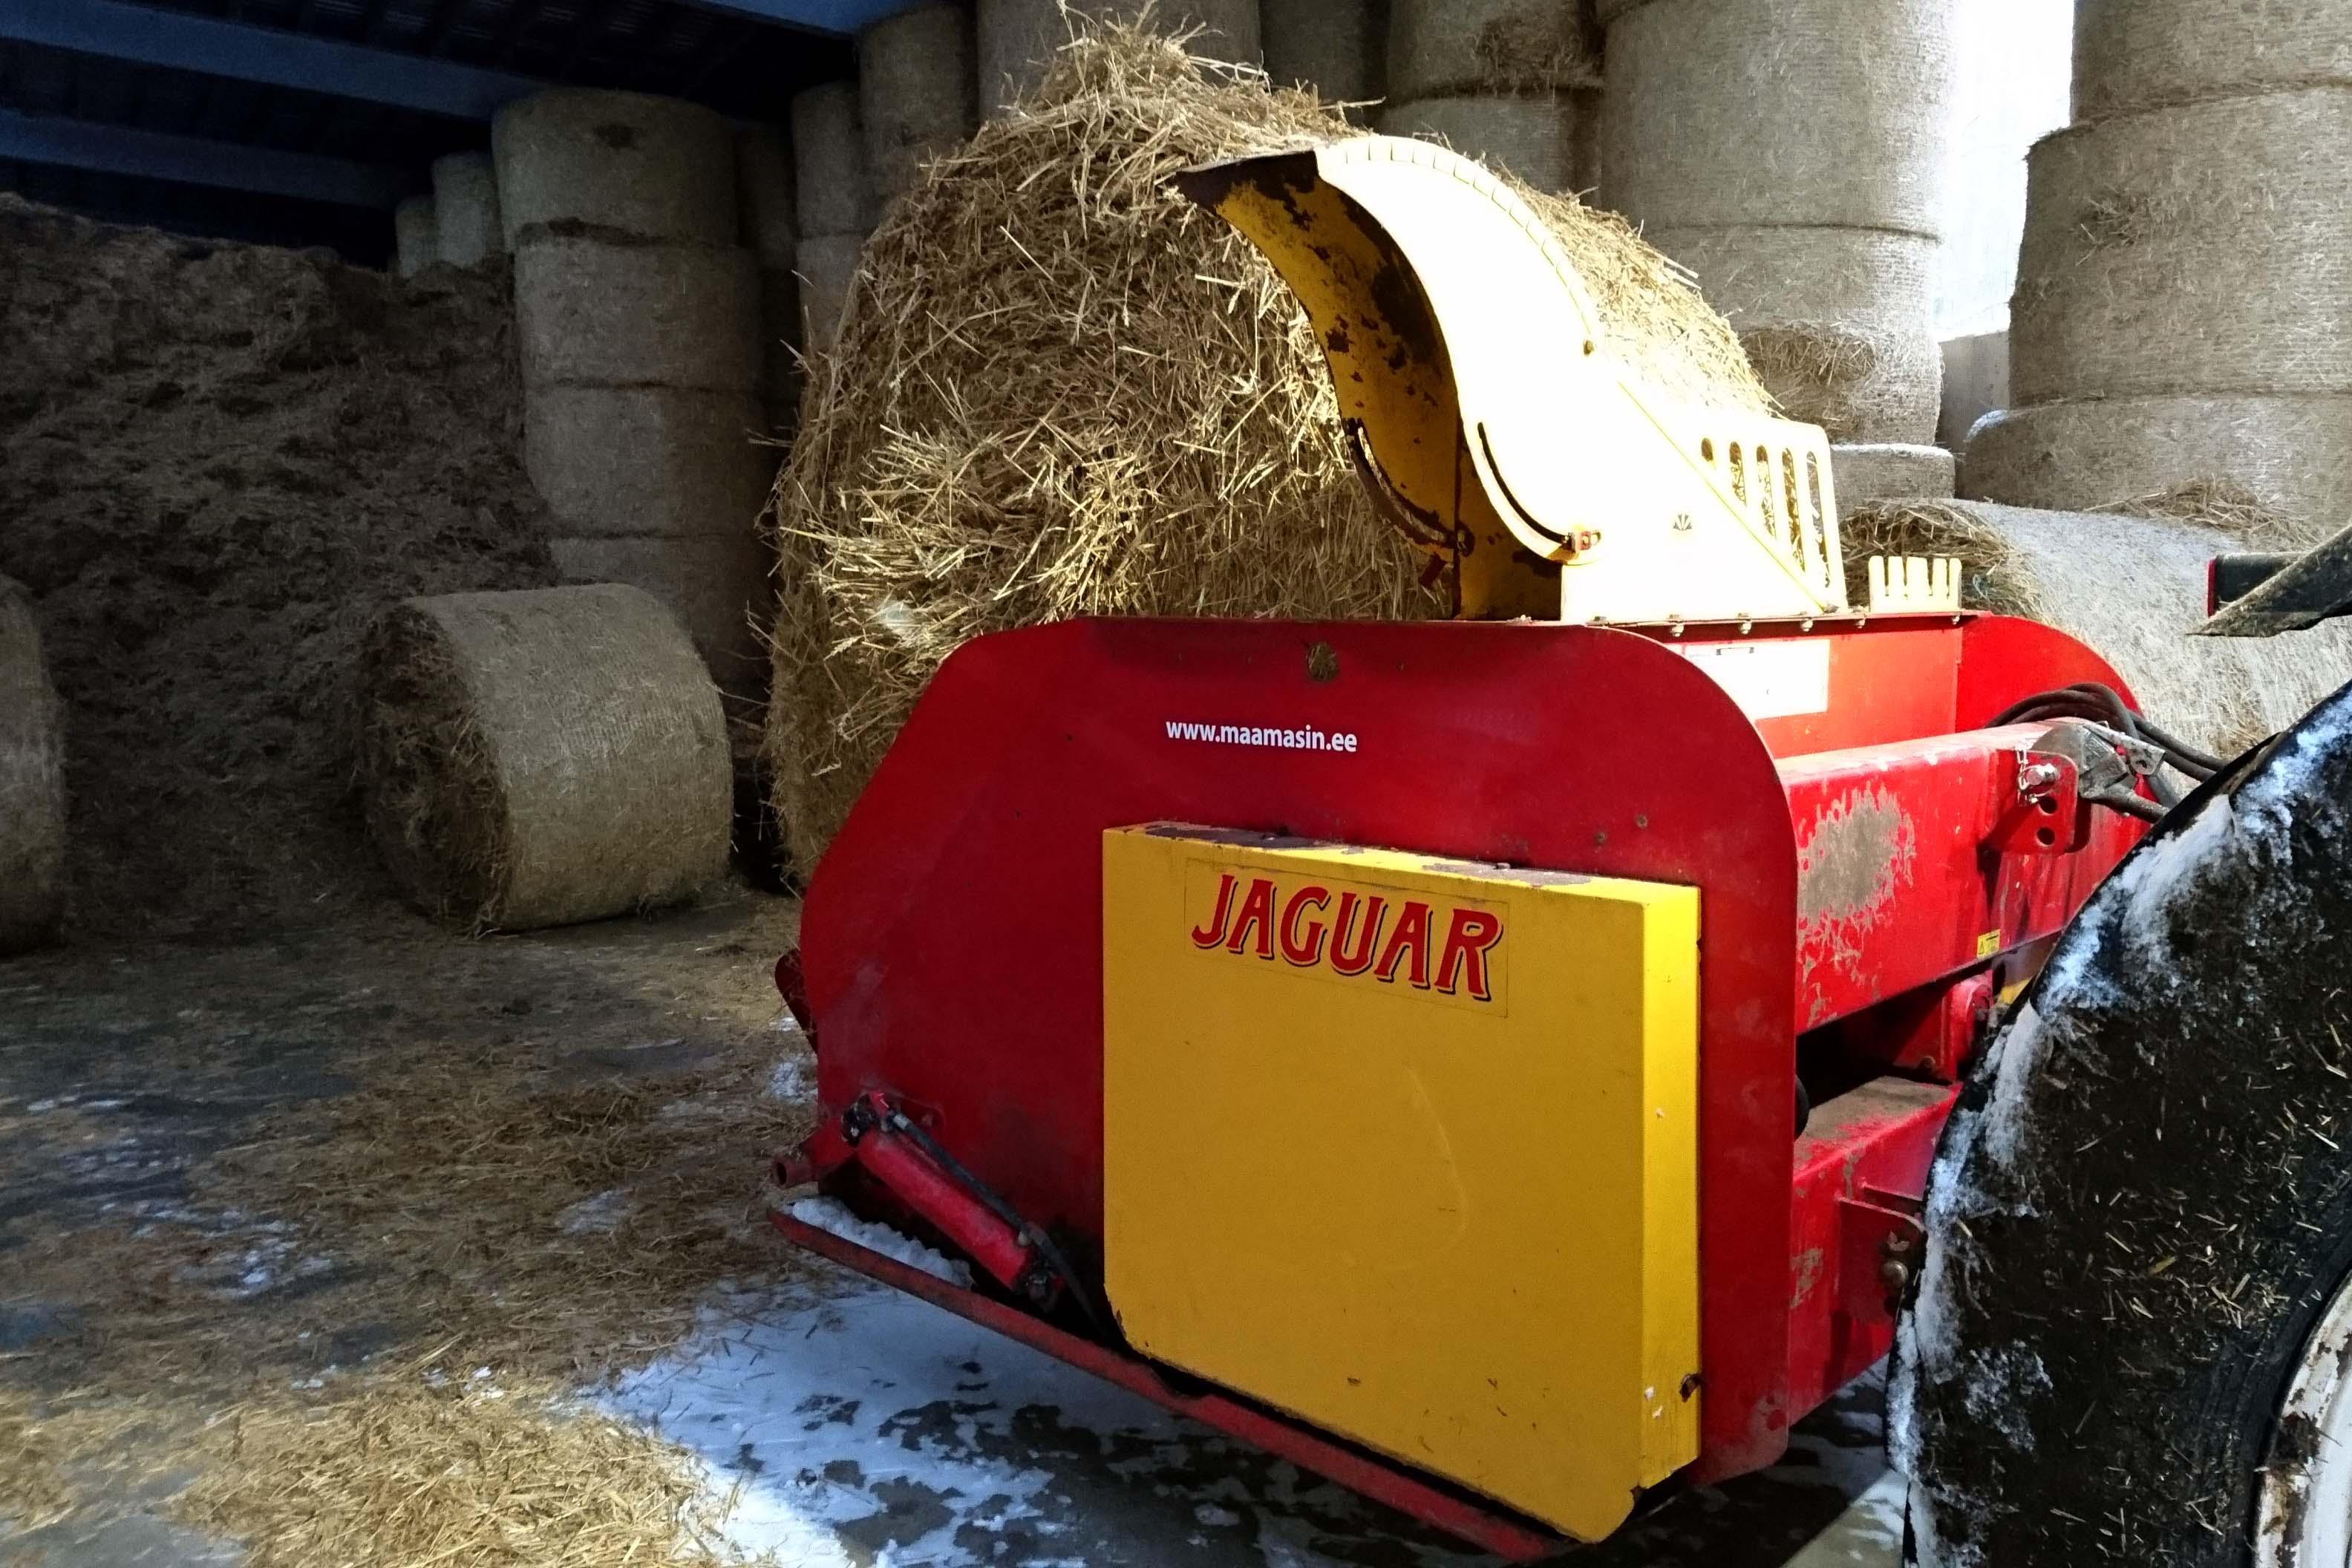 Jaguar_põhurullidega